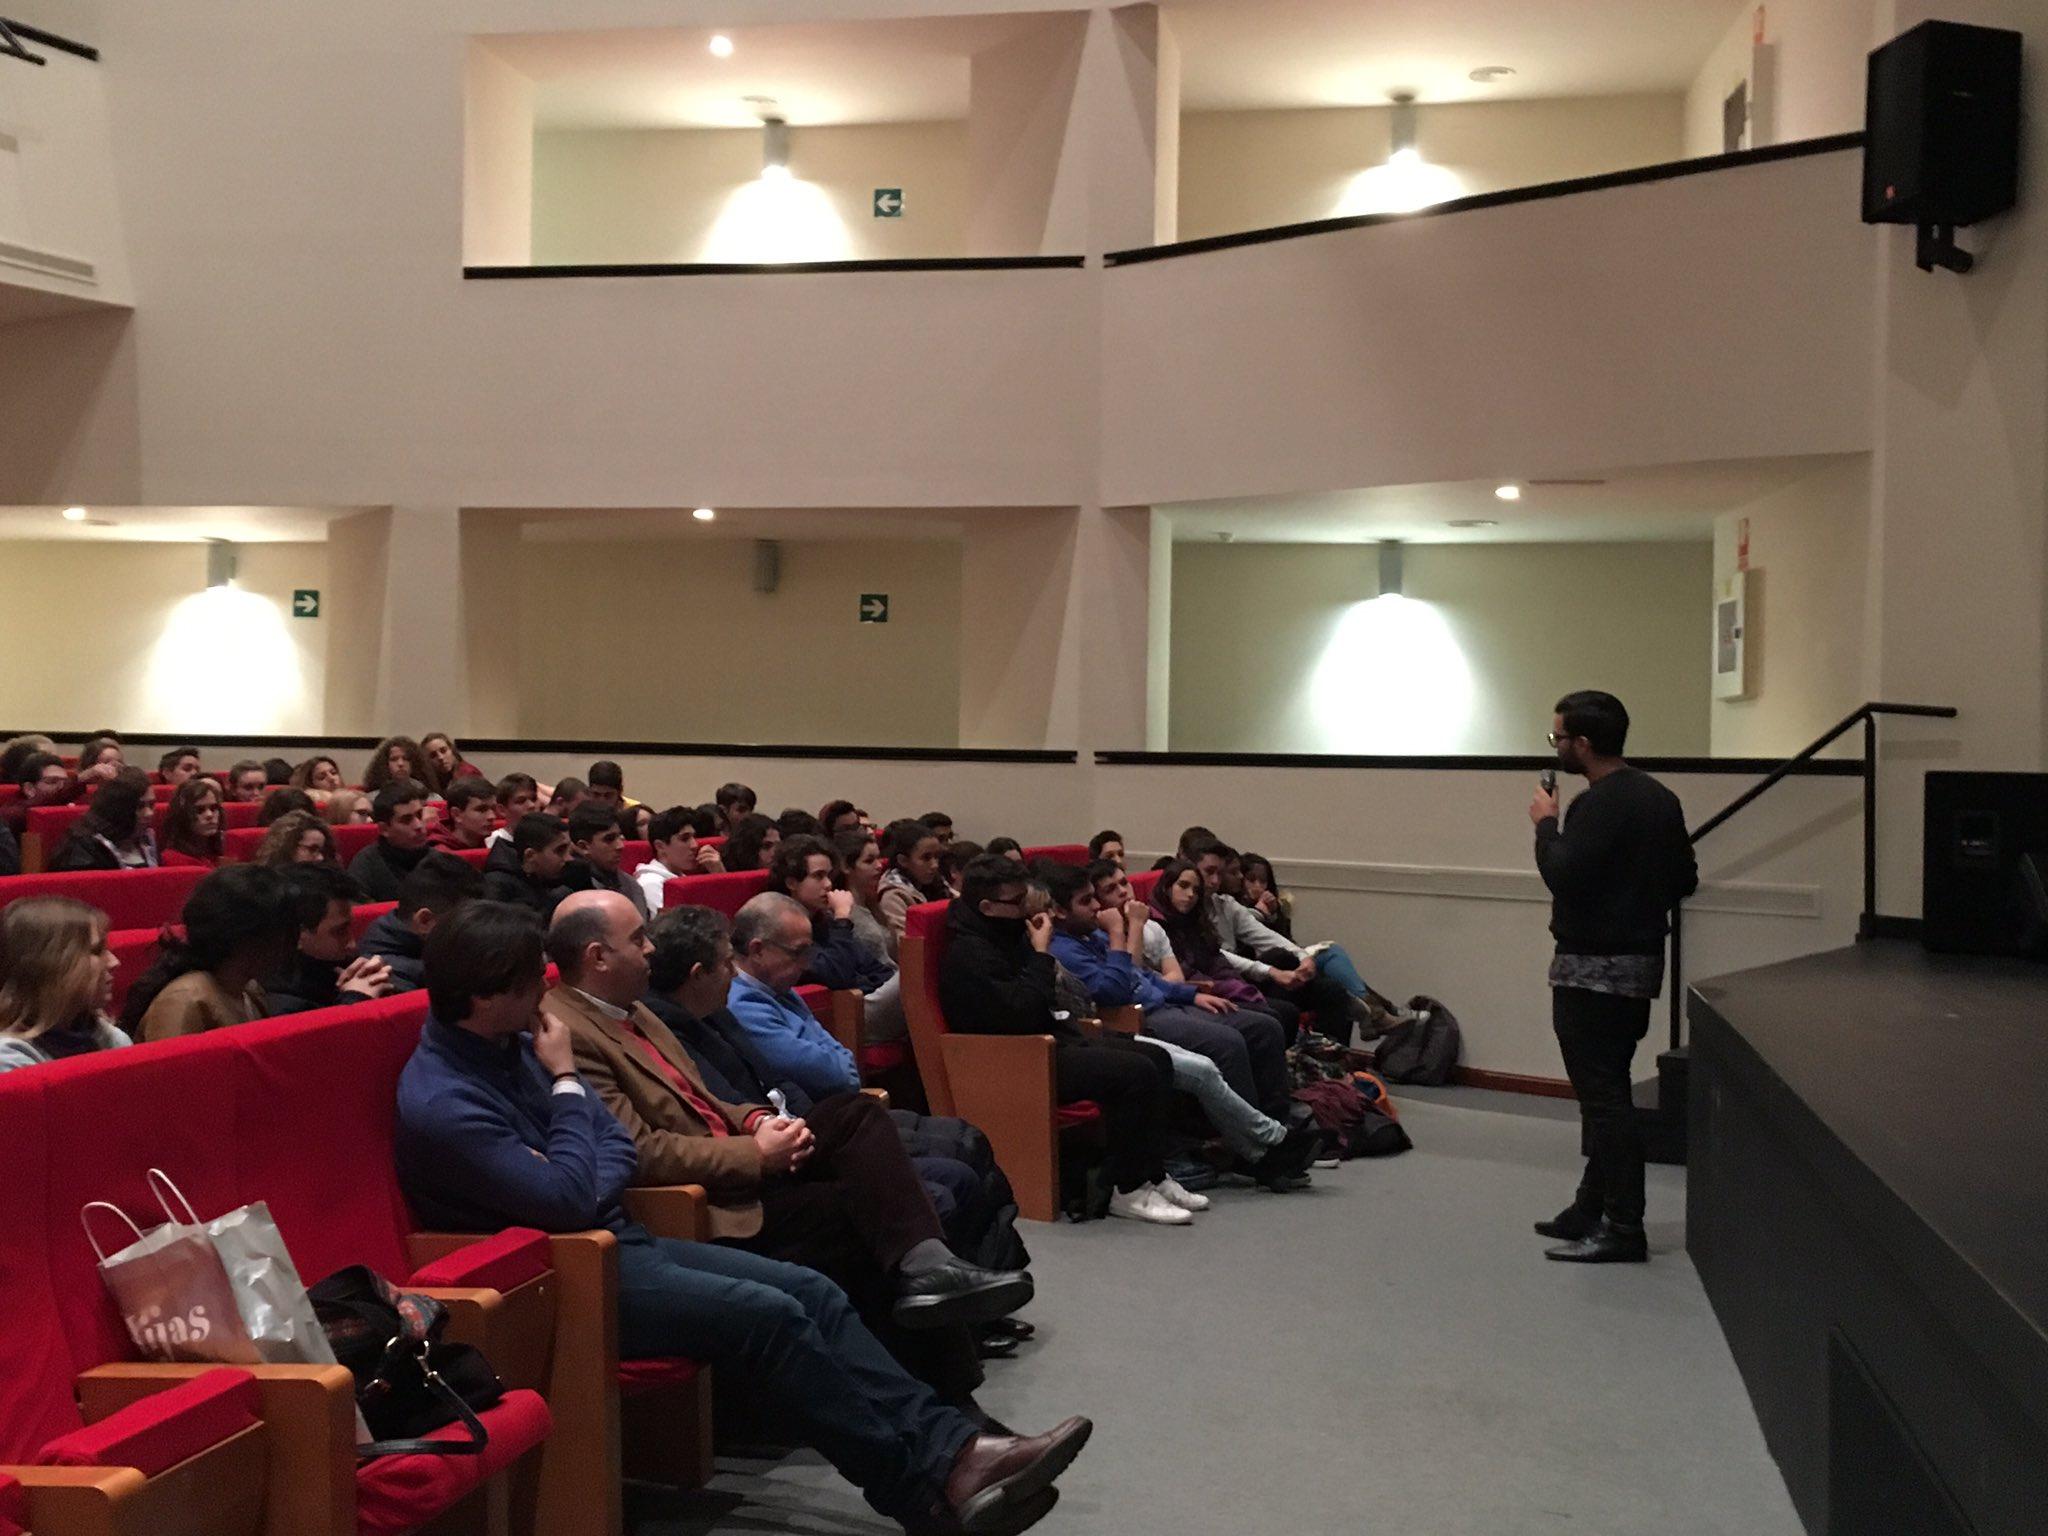 el director de @TheOtherKidsDoc @pablodelachica dando respuestas a las inquietudes del alumnado #masqgol https://t.co/6FvbNW9dw1